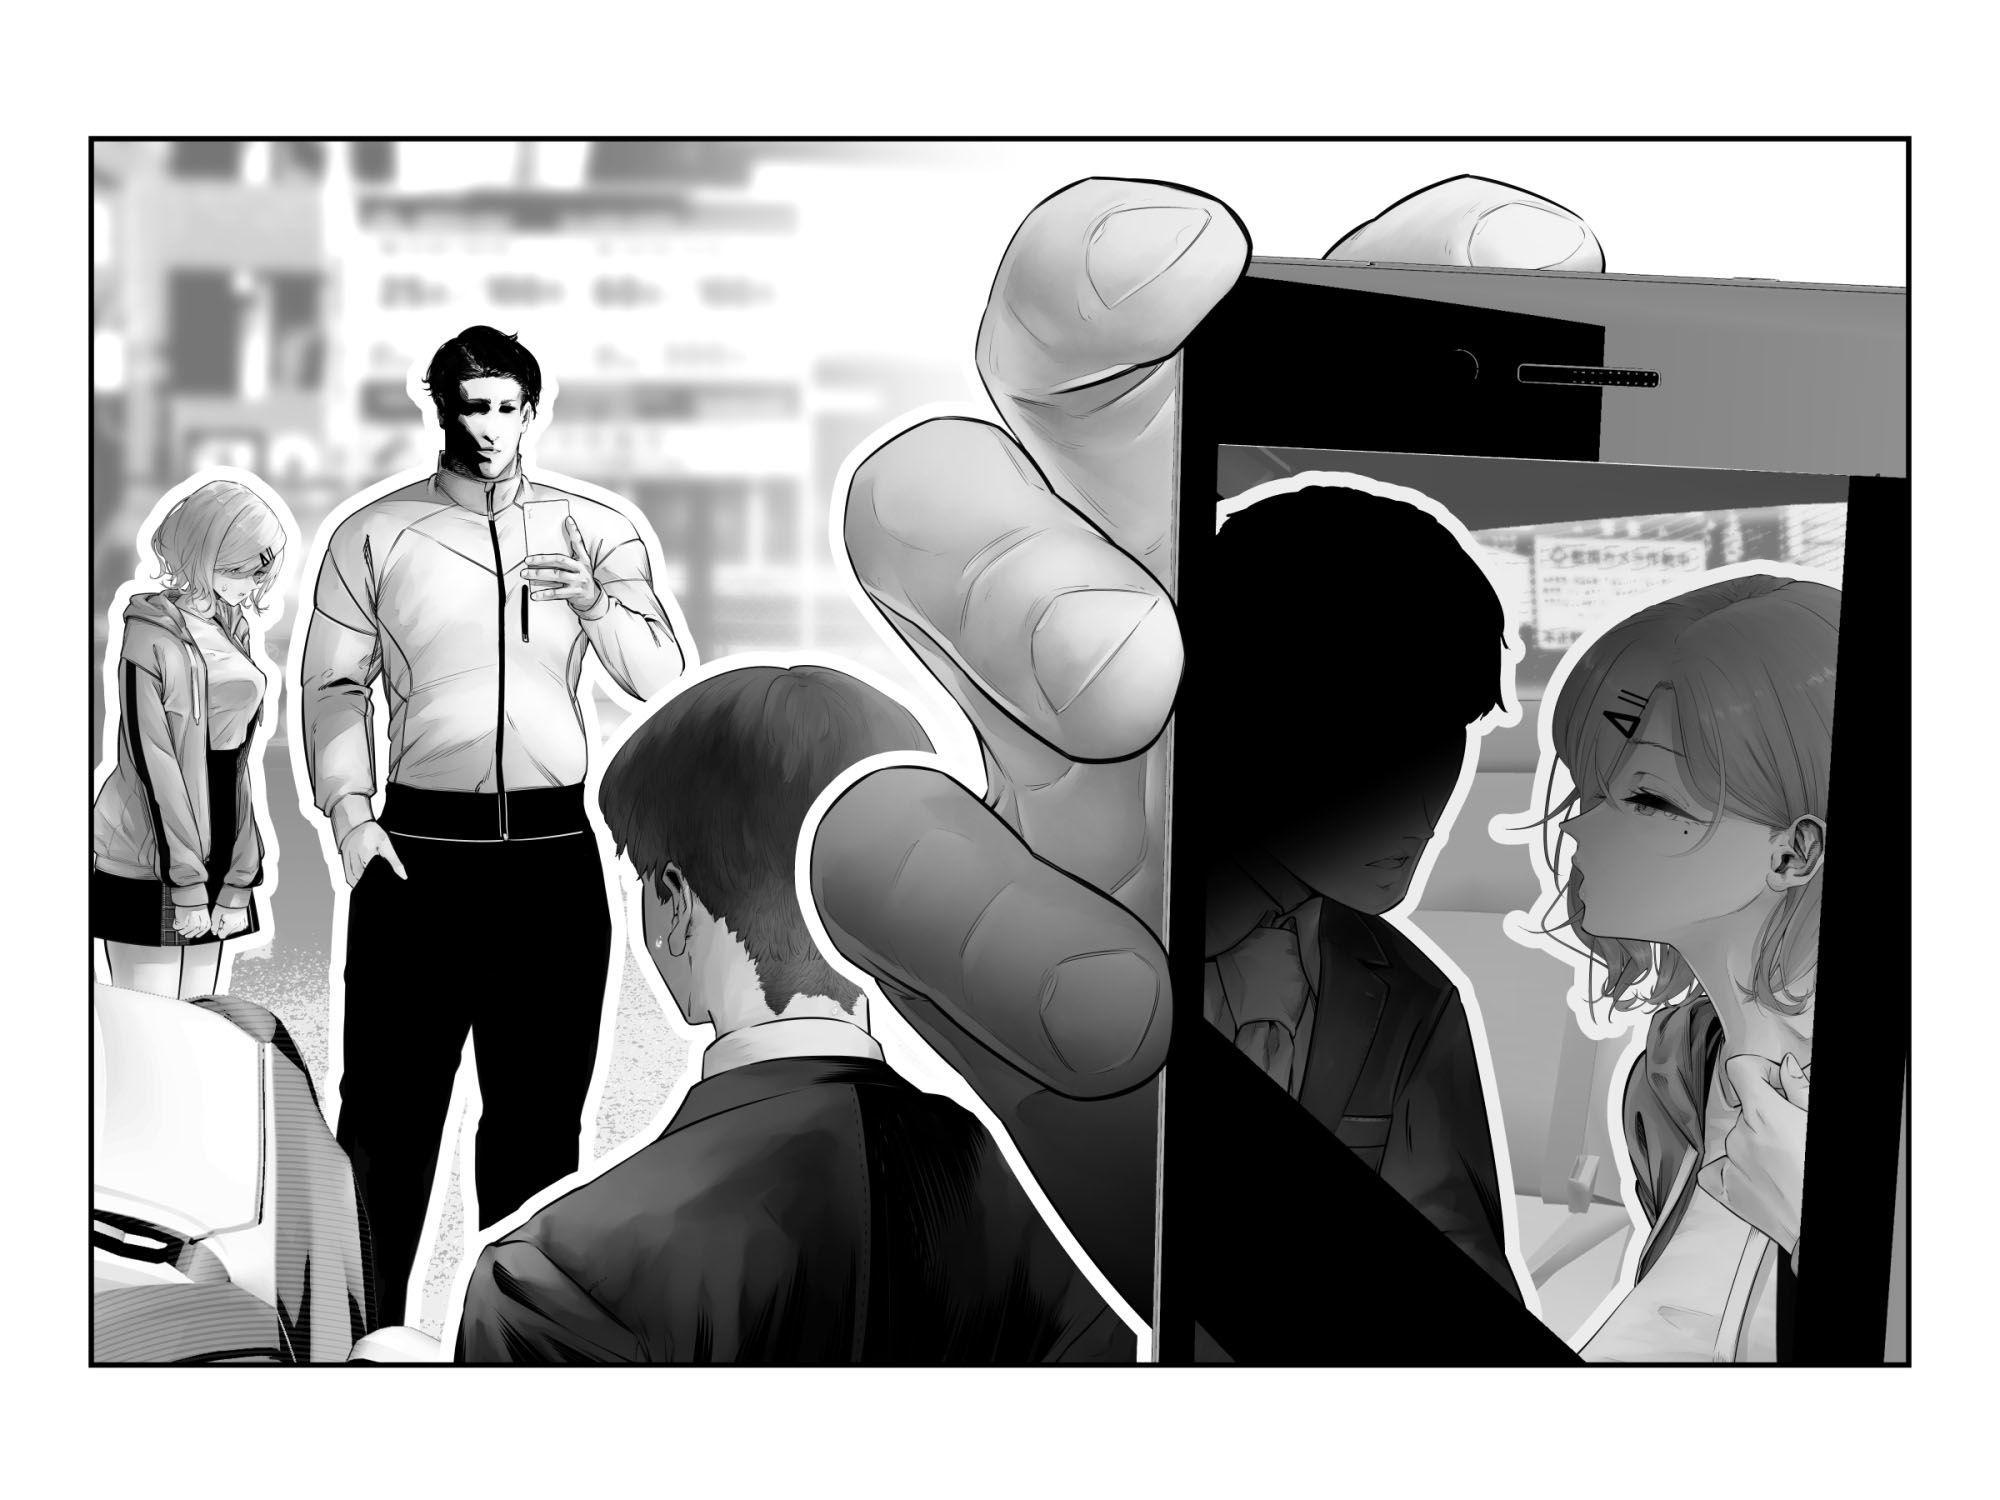 -樋■円香-交際バレ、後部座席で寝取られ調教 エロプレイ画像